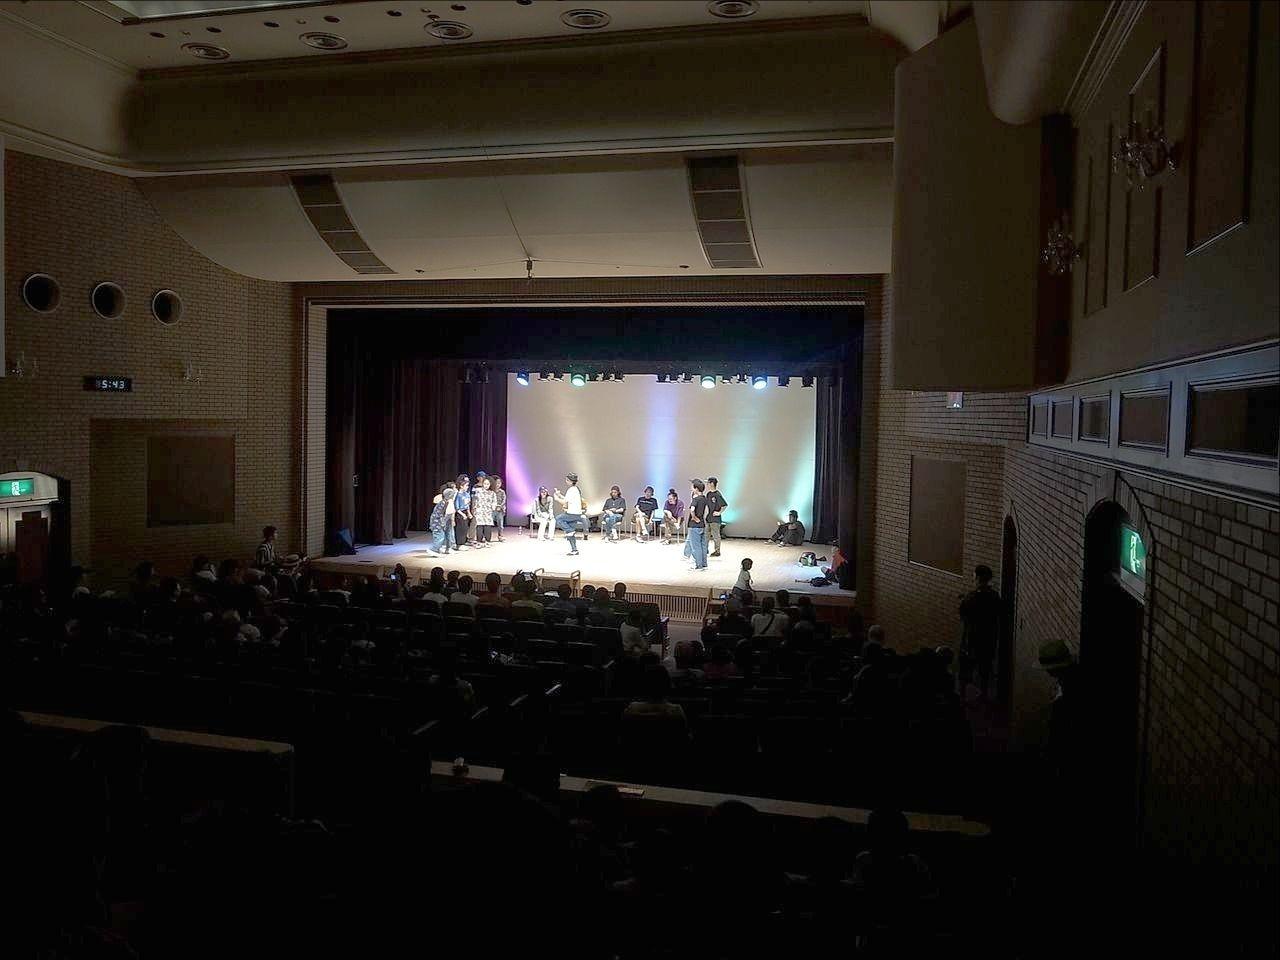 昨年の行われた越谷サンシティホールでのGOOD TIMES DANCE ACADEMYさんのダンスイベントです!